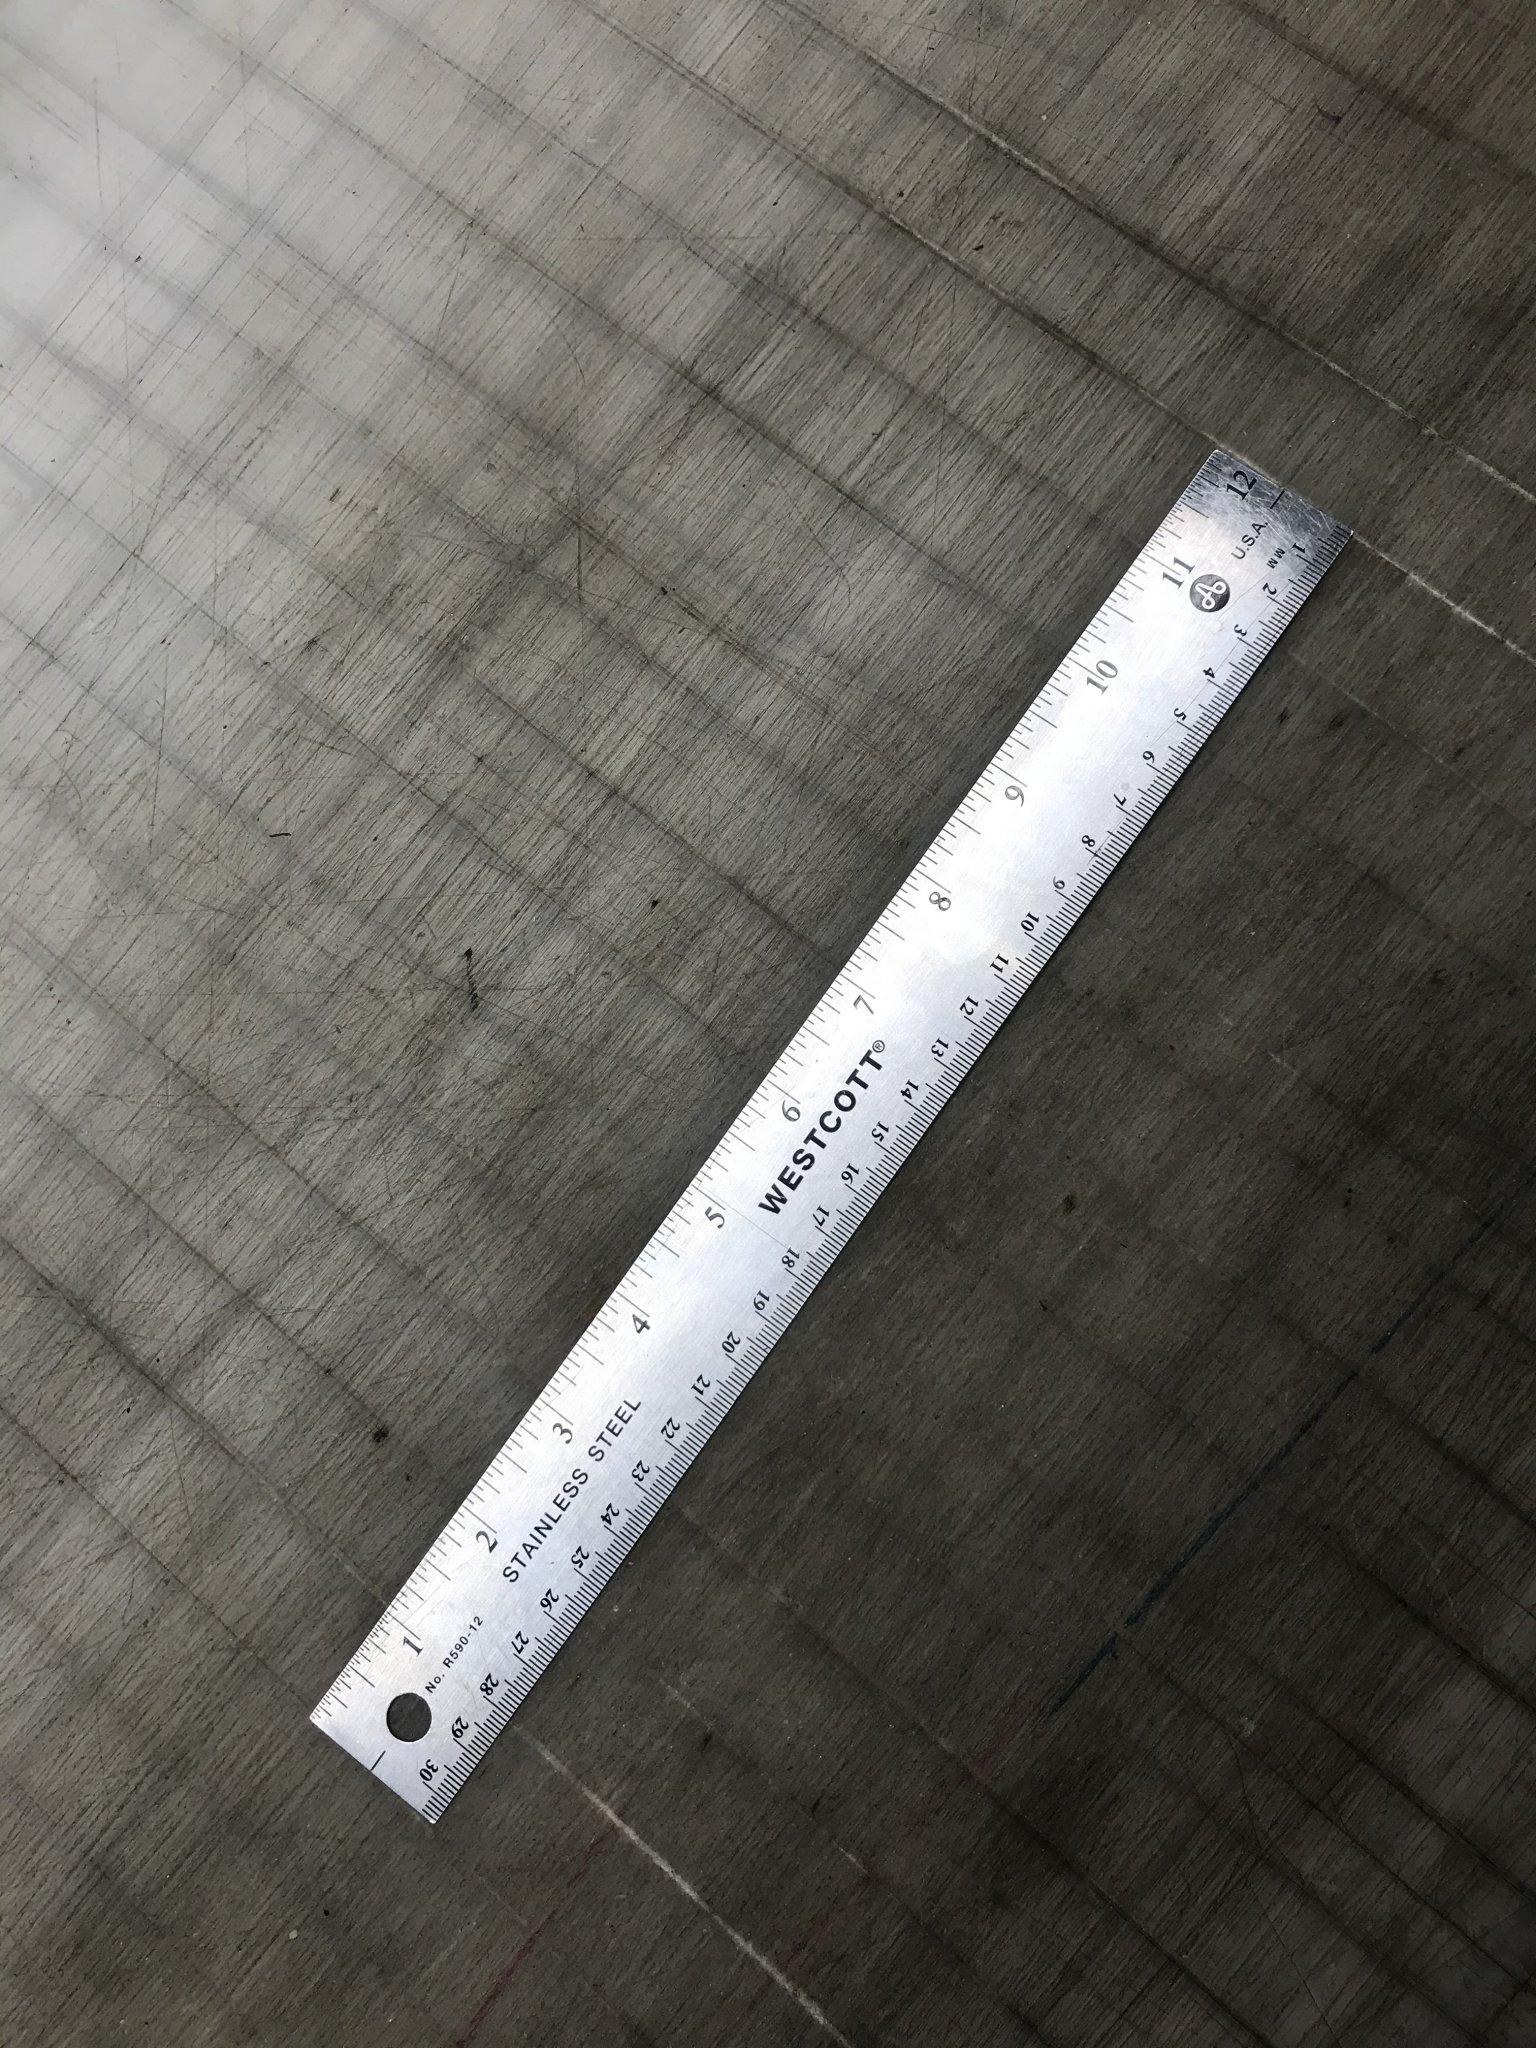 1564C5AA-FAB7-48B6-A162-FFF160D180B8.jpeg